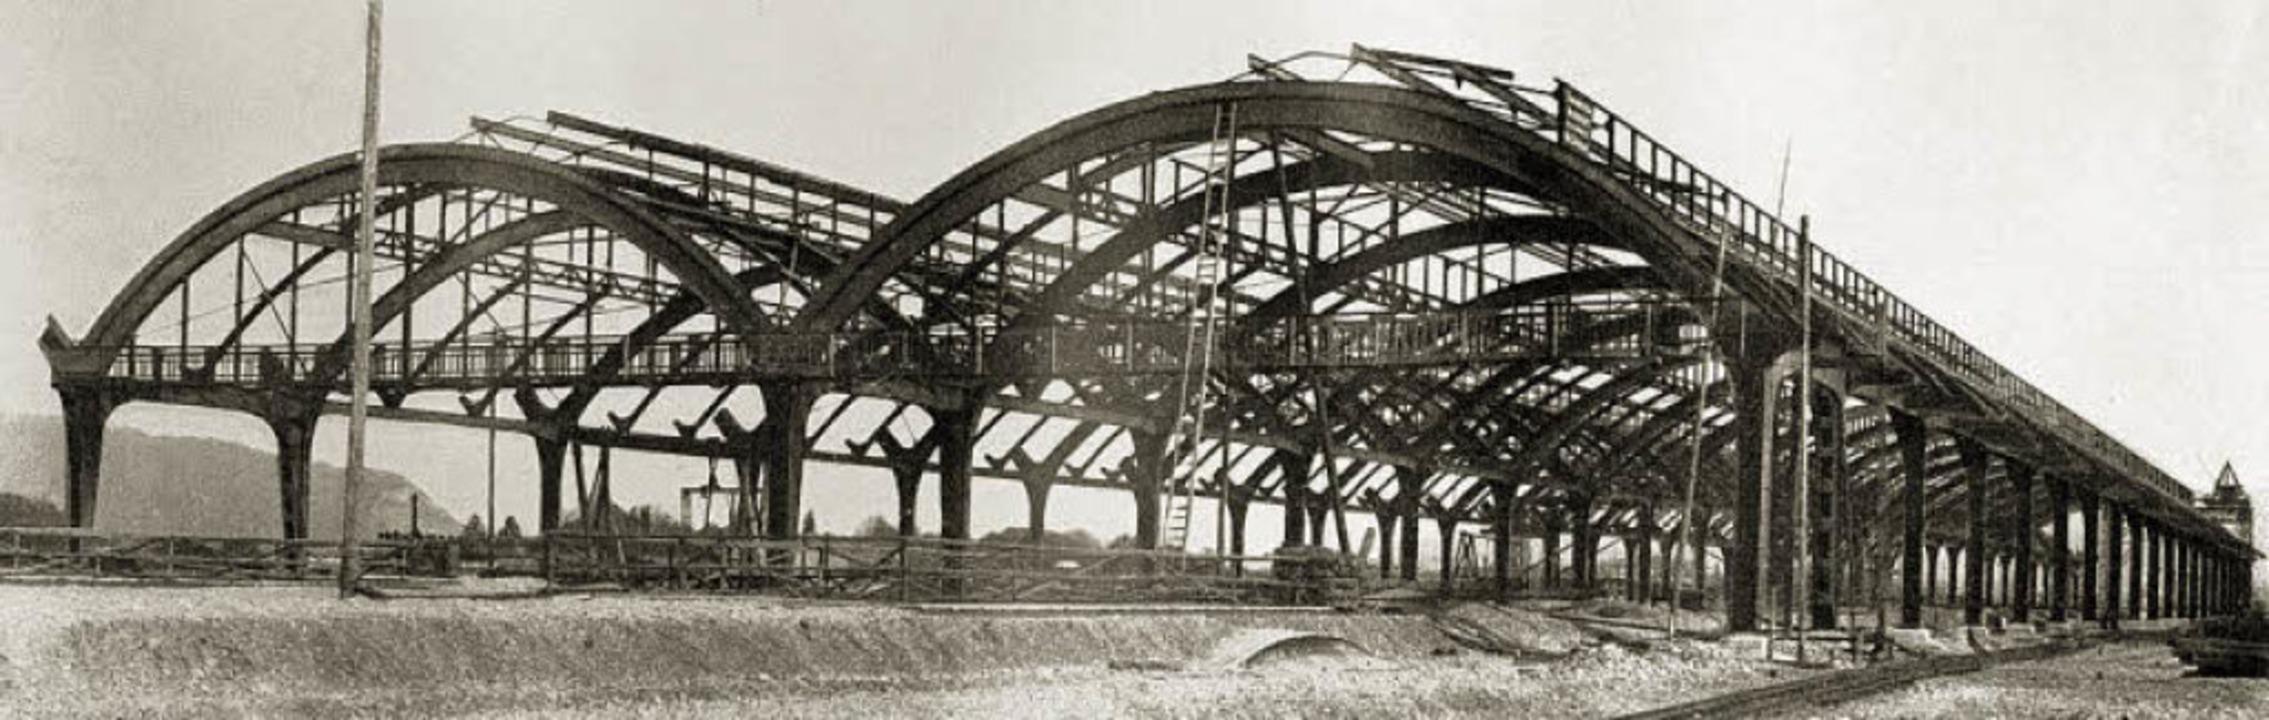 Das Dach über den Bahnsteigen entsteht.  | Foto: Stadtarchiv